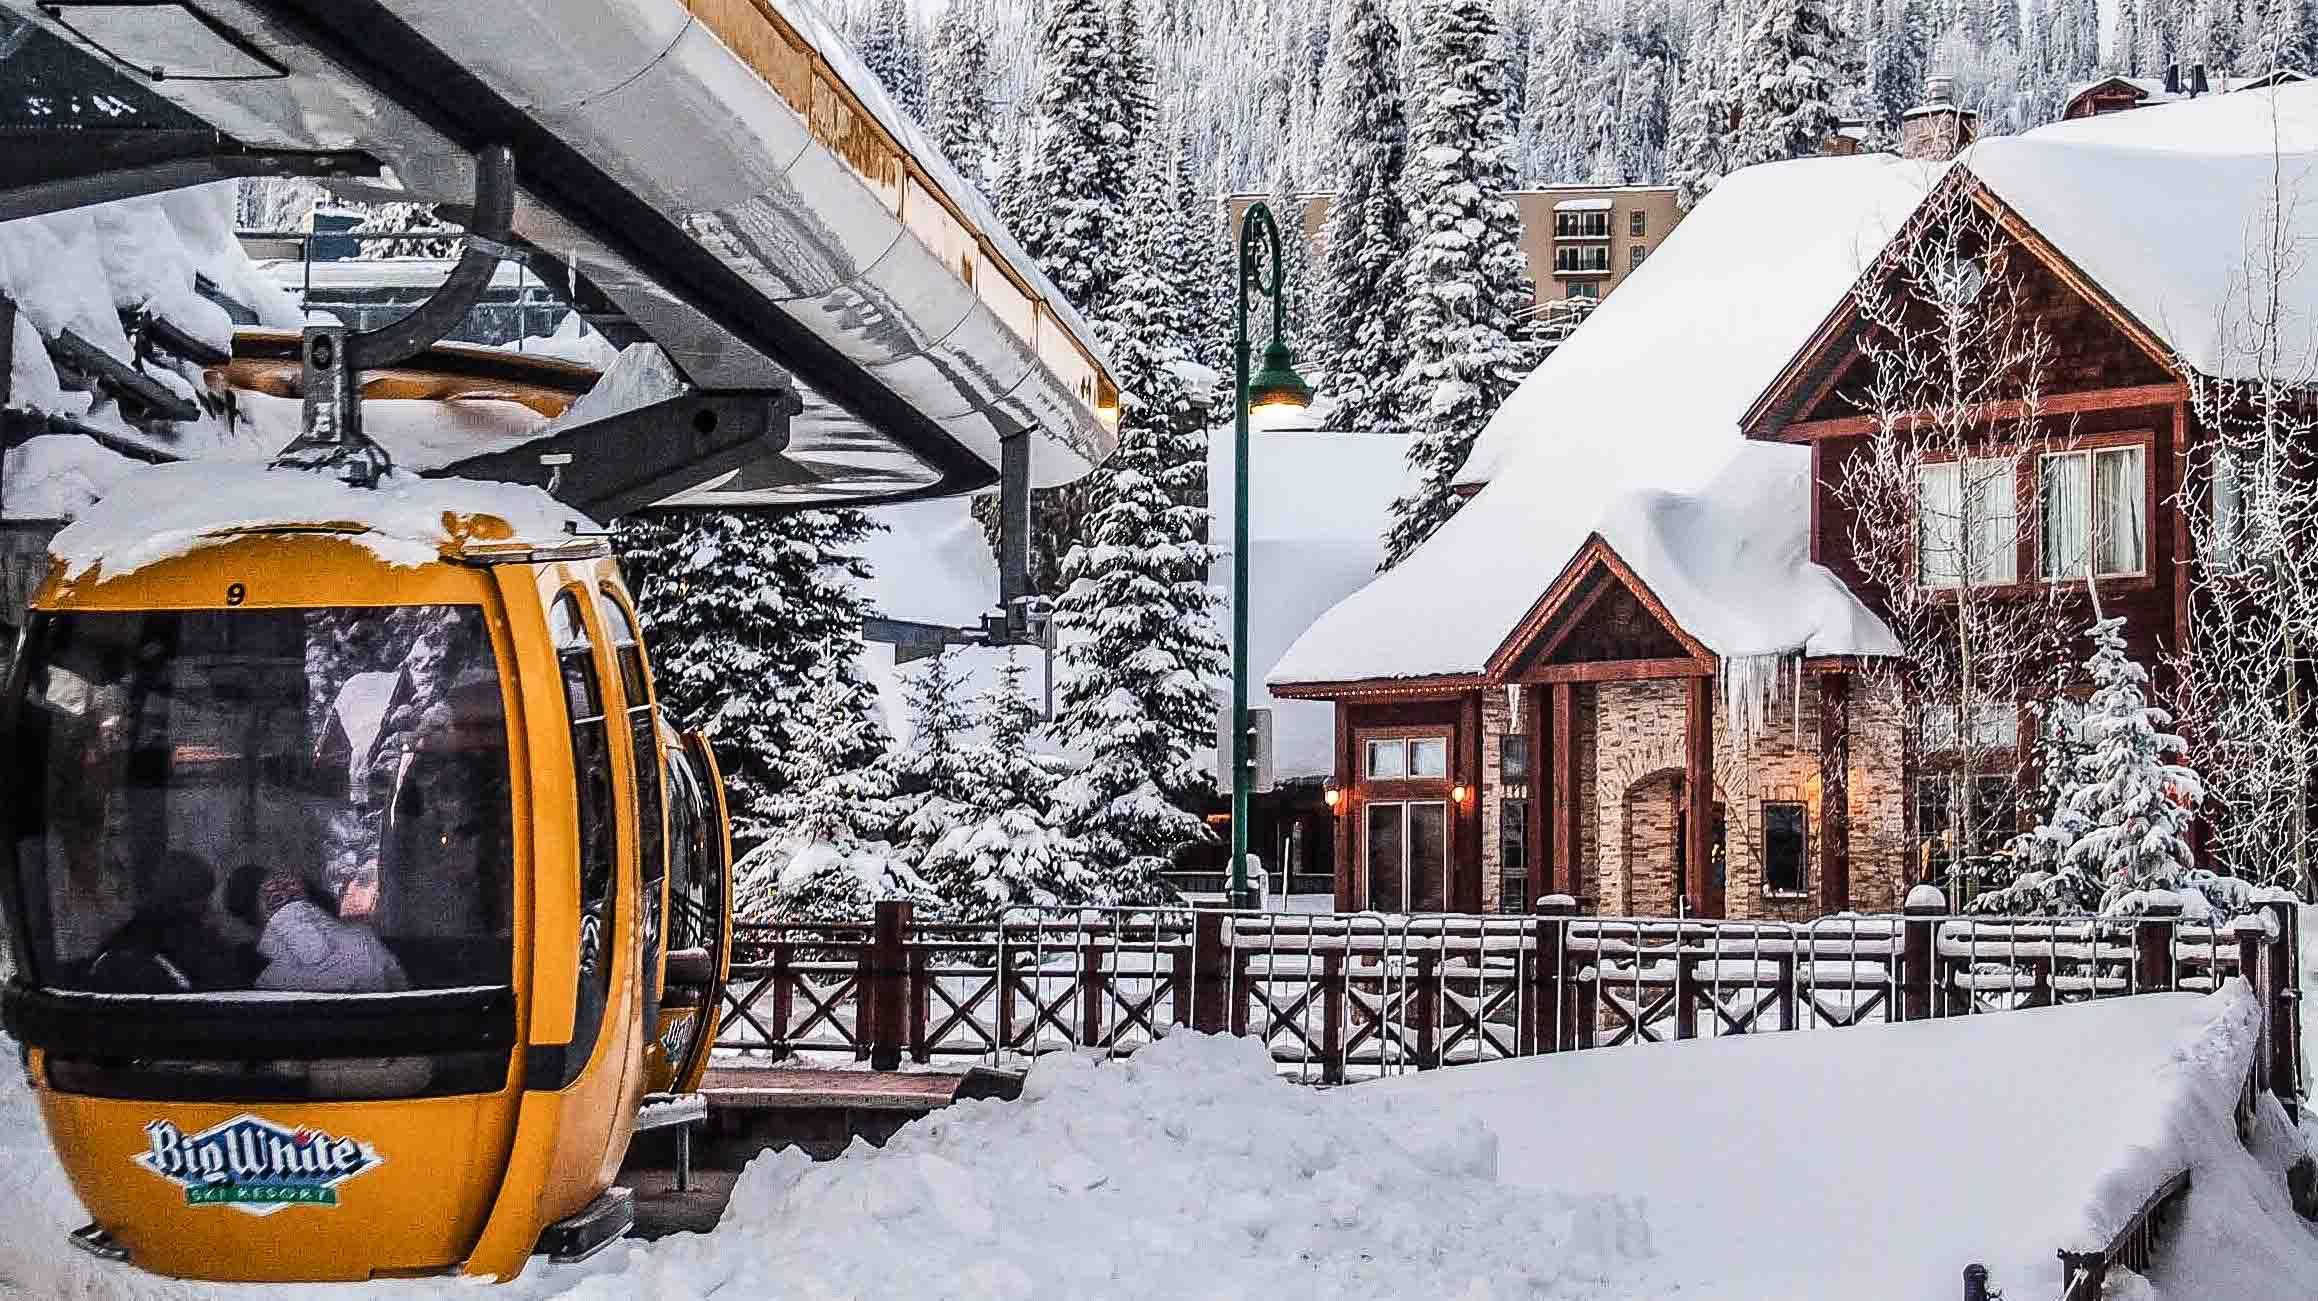 Snowy days at  Big White Ski Resort